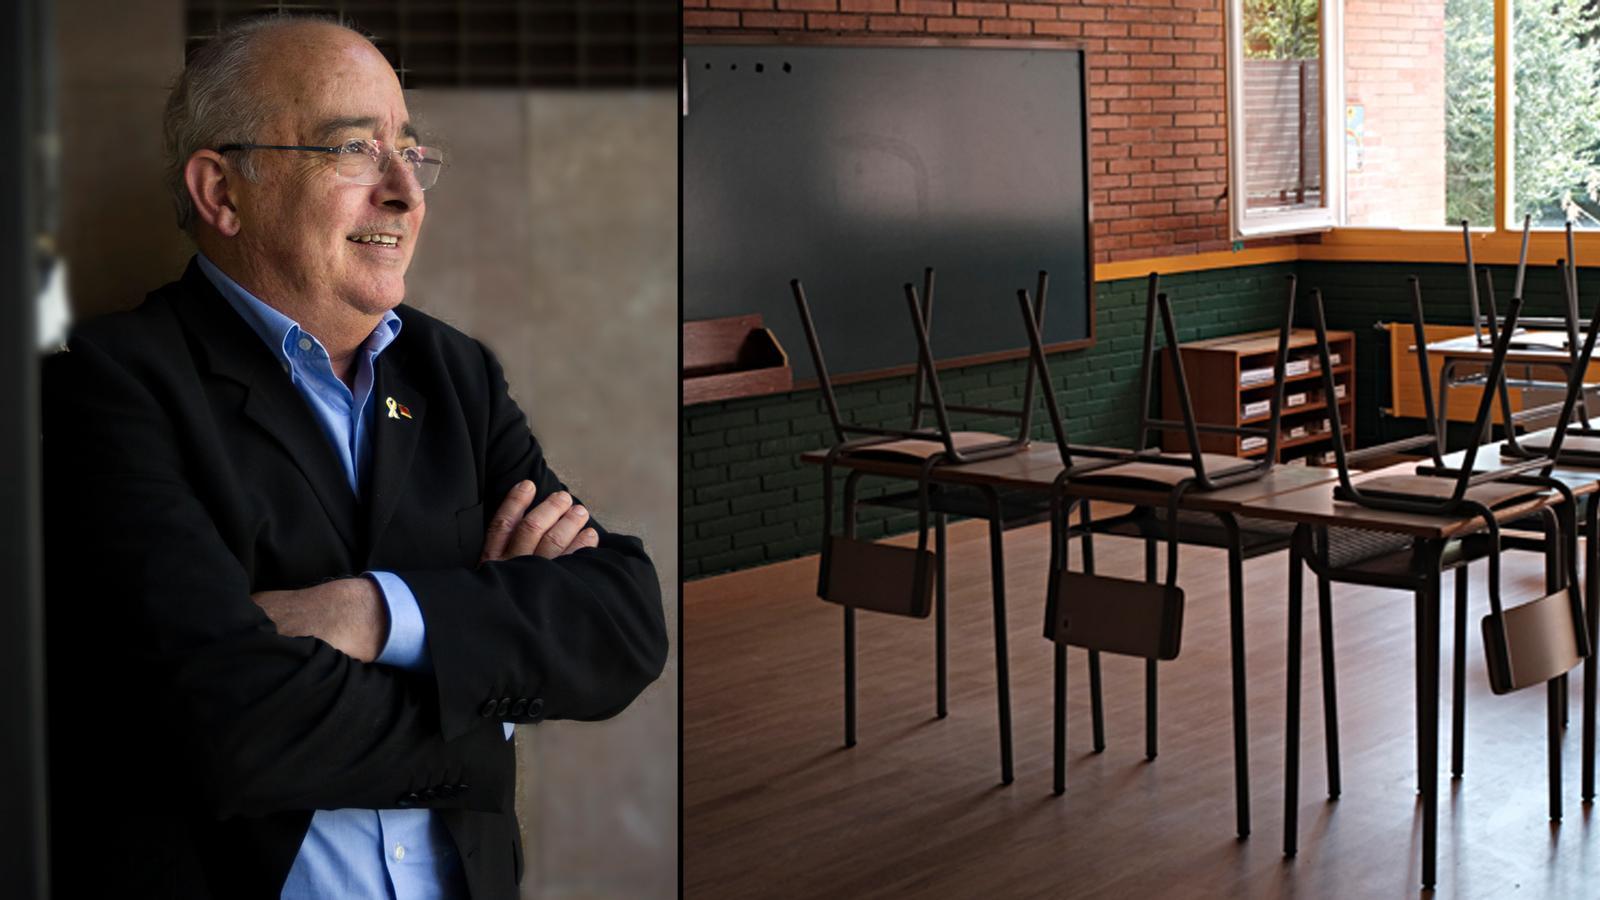 Sánchez pacta amb Ciutadans 15 dies més d'estat d'alarma i Educació explica com serà el final de curs a les escoles: les claus del dia, amb Antoni Bassas (20/05/2020)